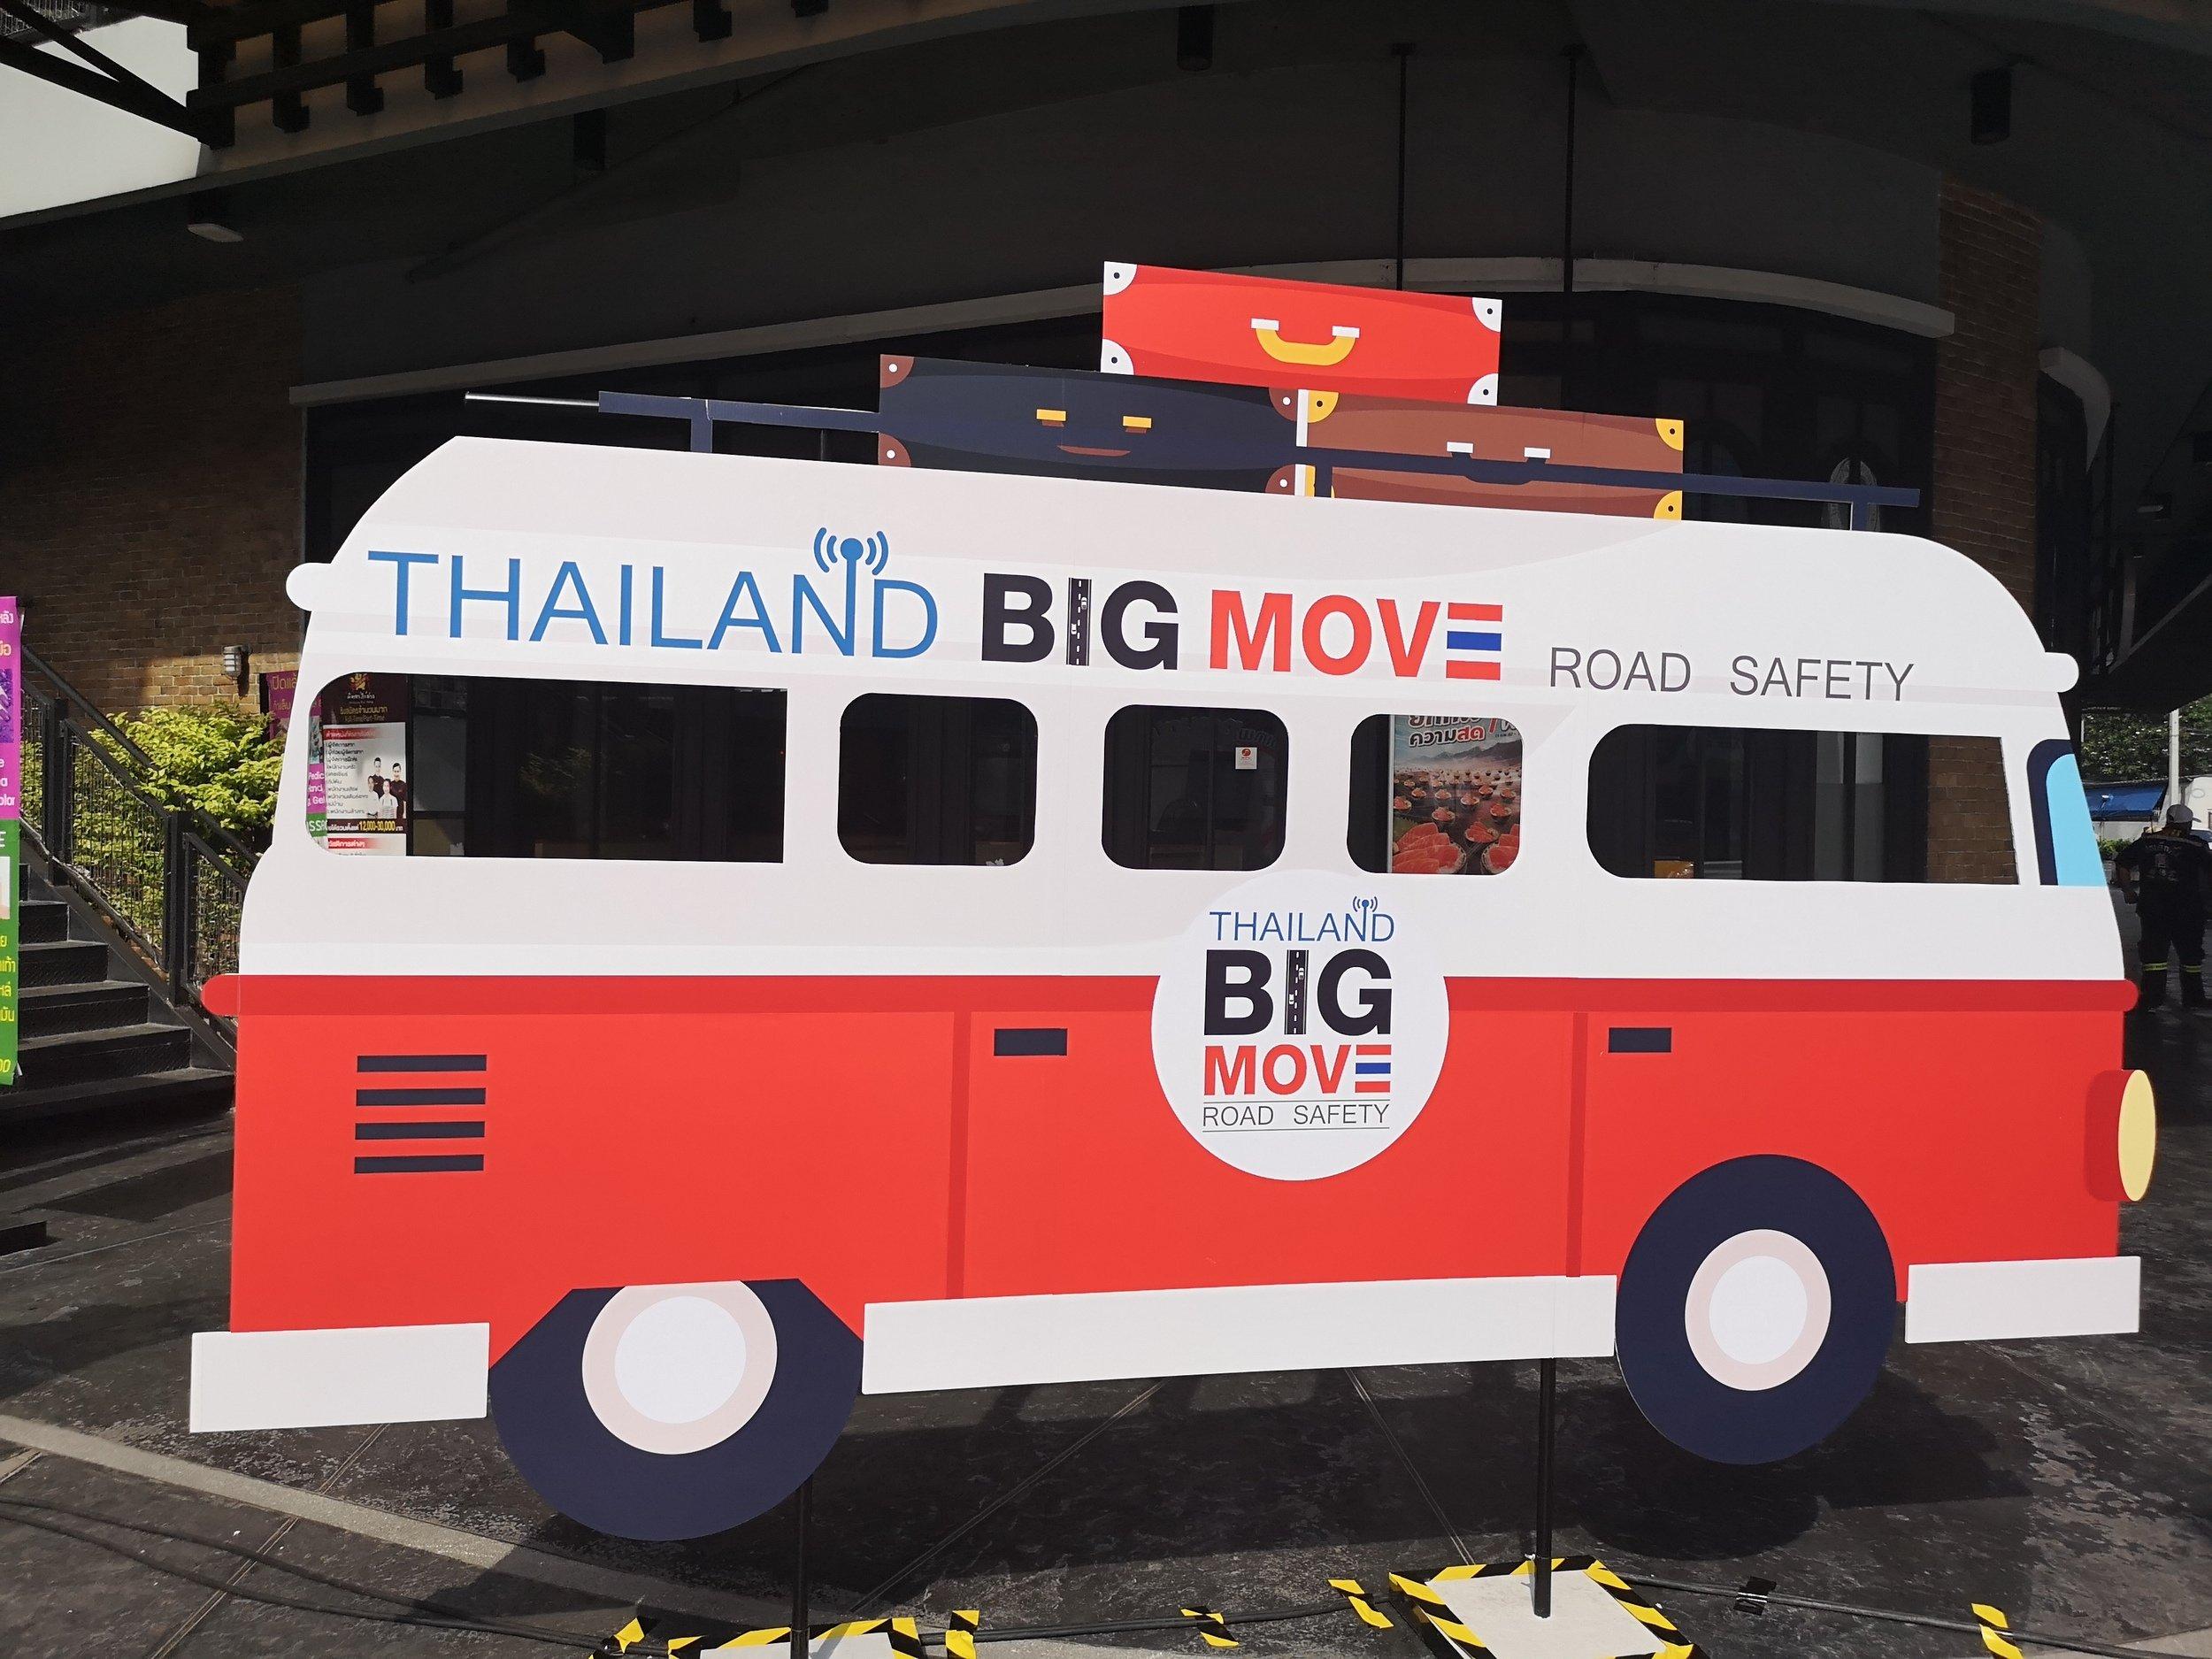 แก้จุดเสี่ยง...เปลี่ยนไทยให้ปลอดภัยจากอุบัติเหตุ thaihealth